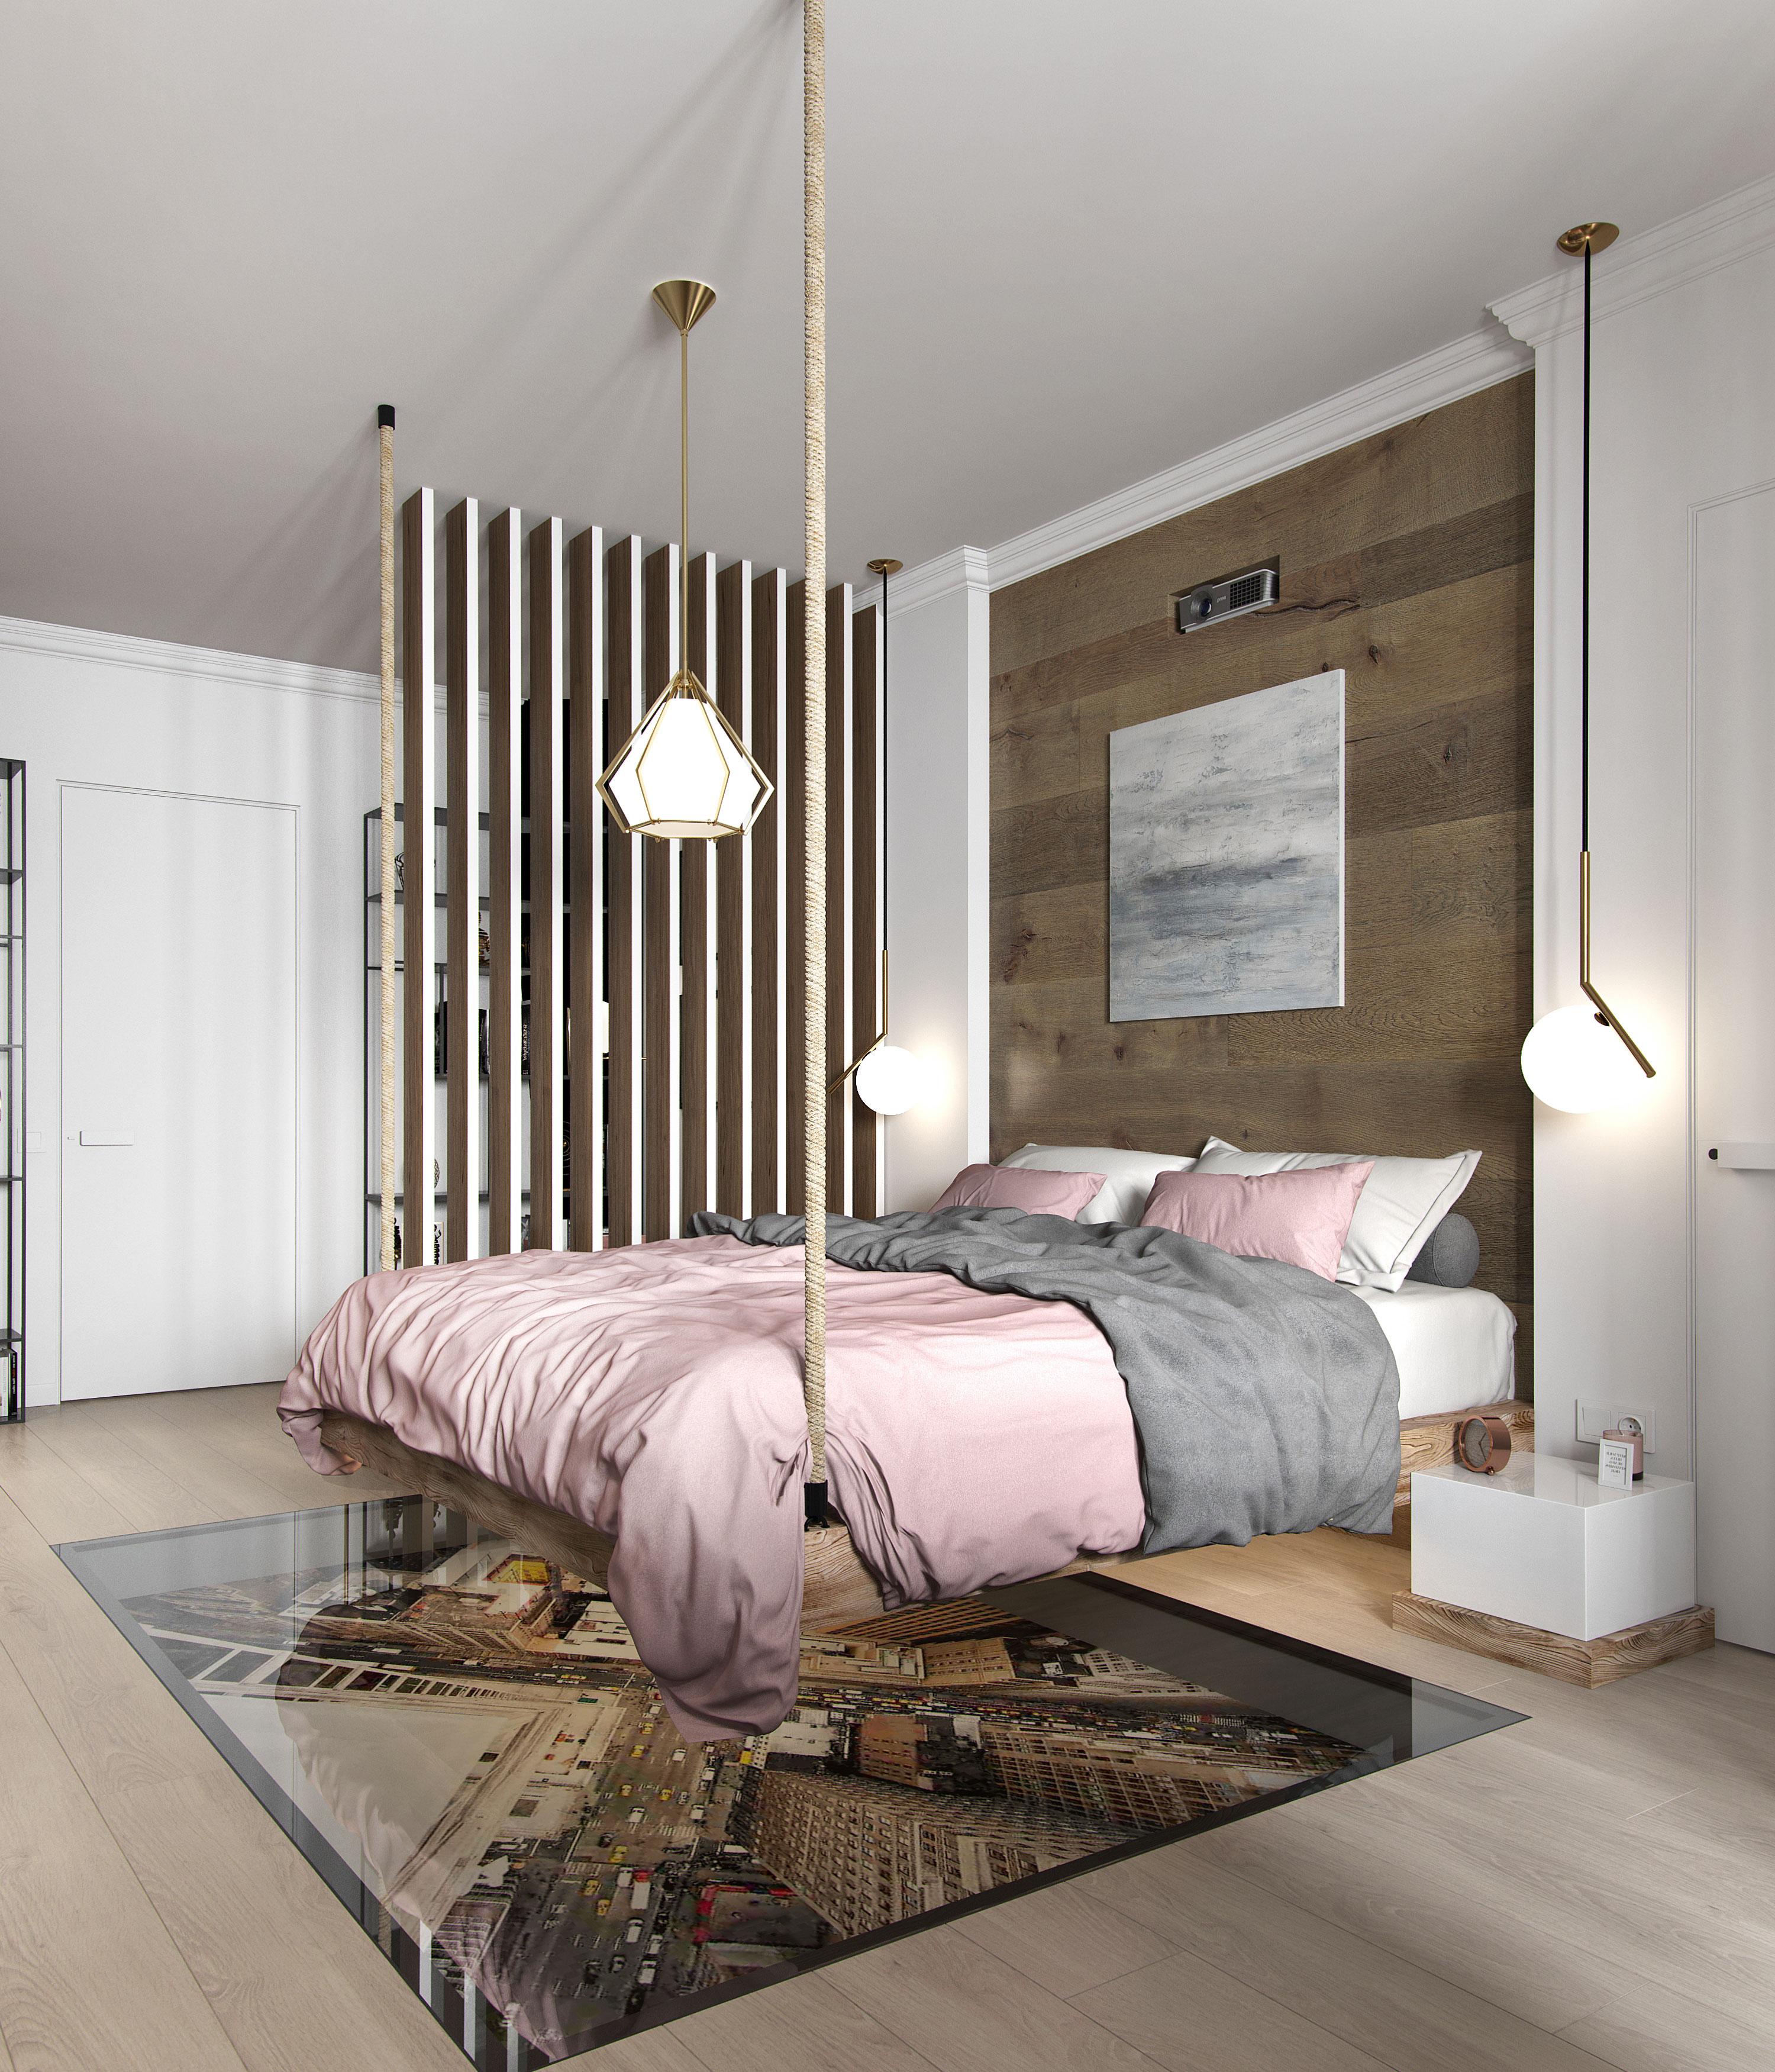 Полезные советы Sofia Home: 5 удачных решений для небольших пространств